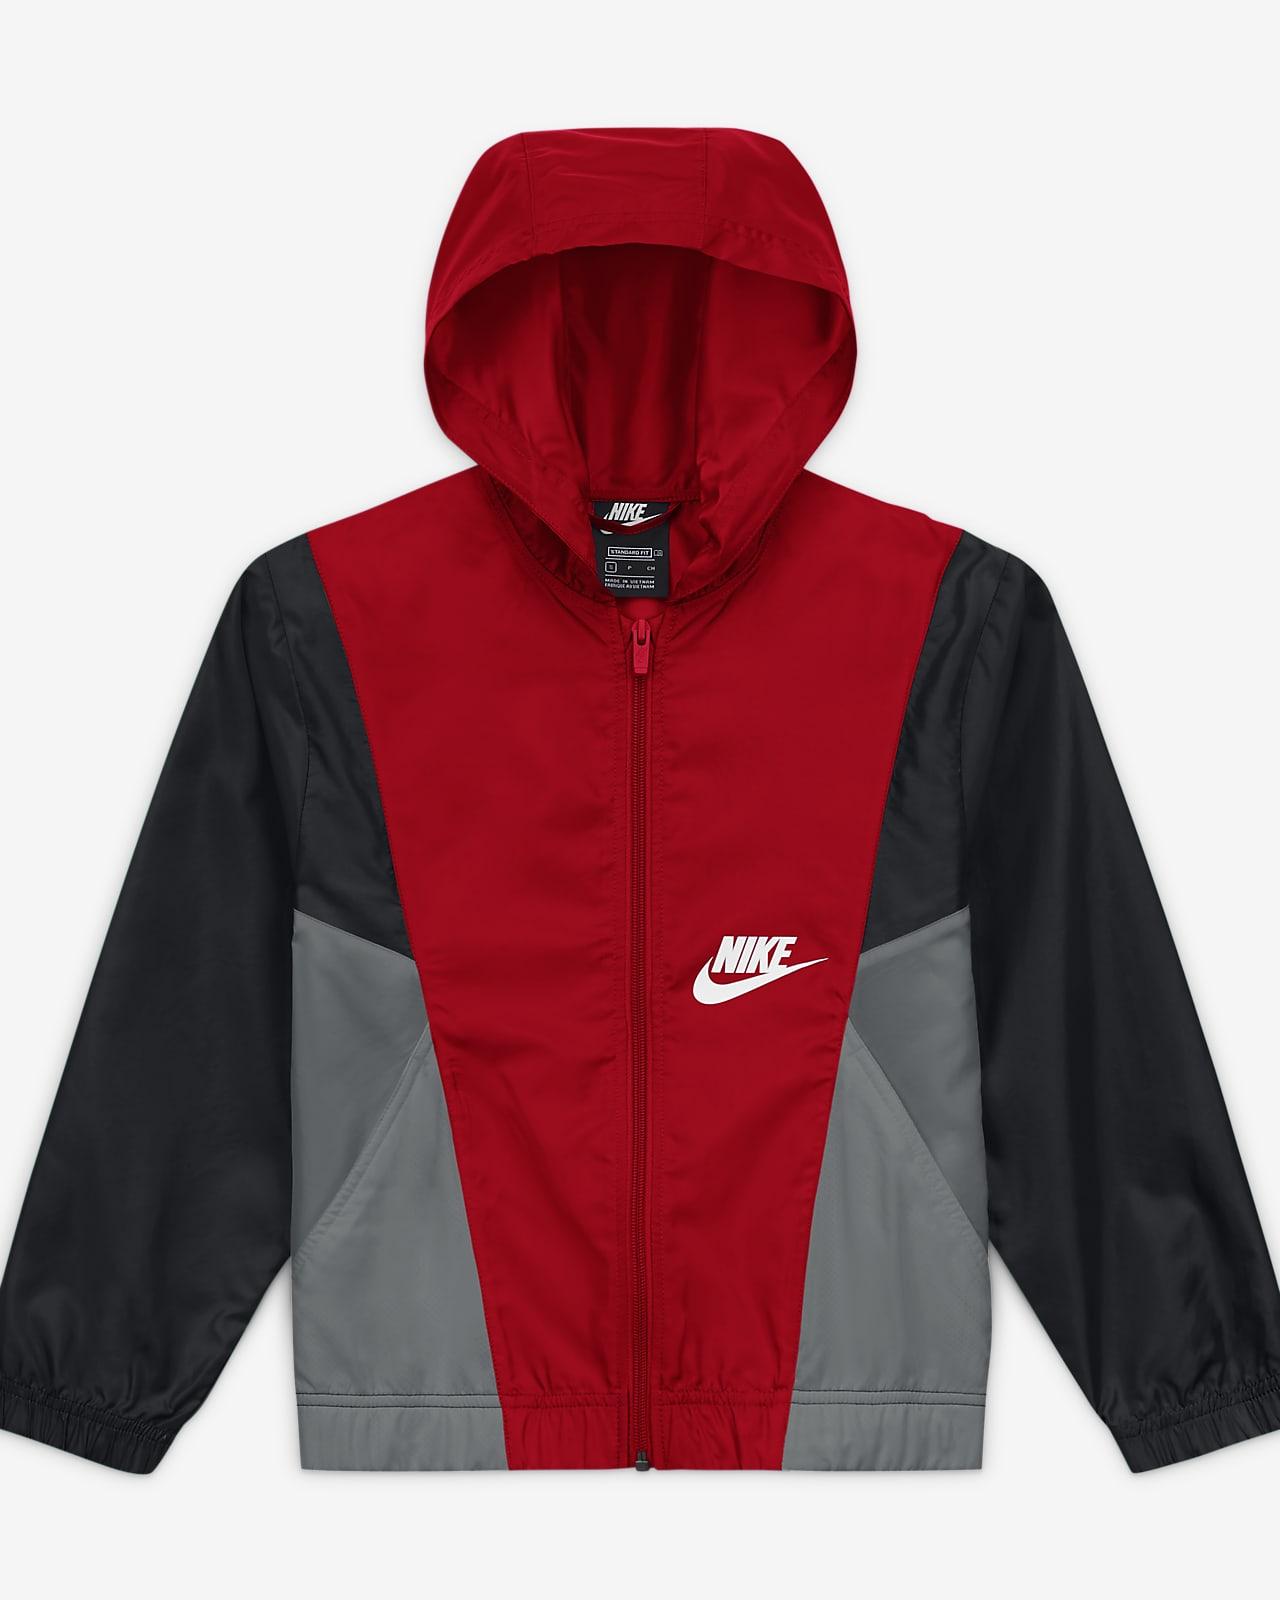 Nike Sportswear Older Kids' (Boys') Woven Jacket